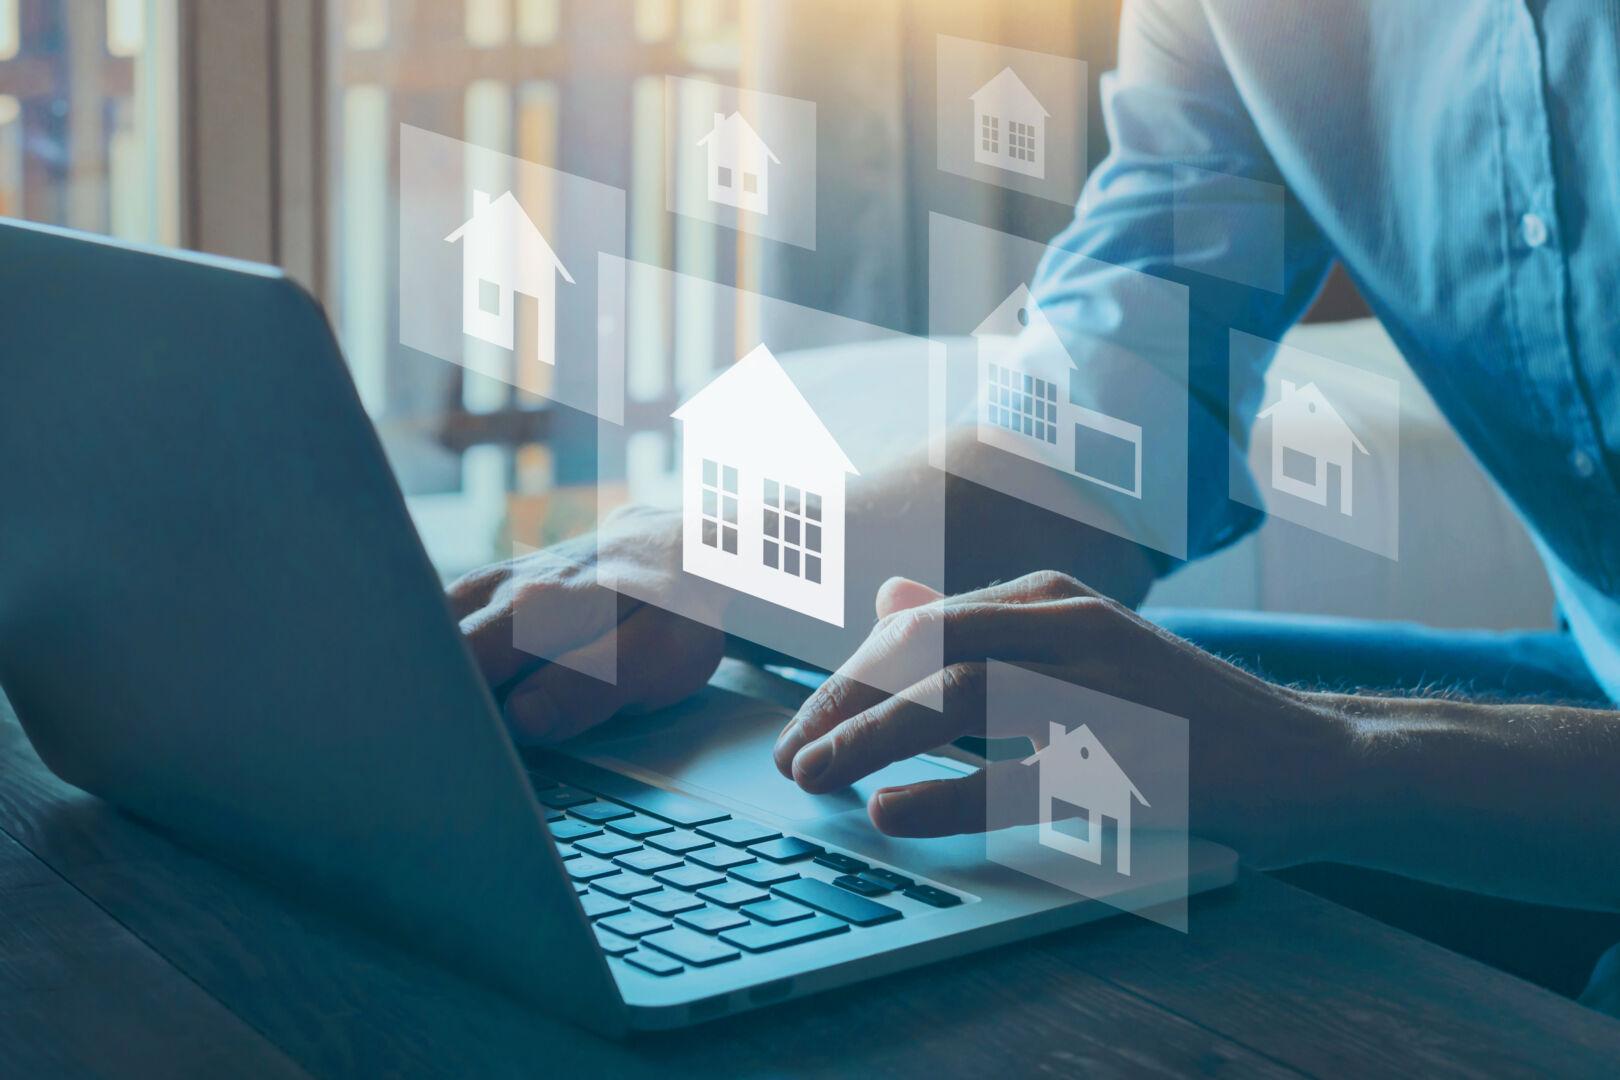 Opinion System s'engage avec La Boite Immo pour accompagner les agences immobilières dans la relation client